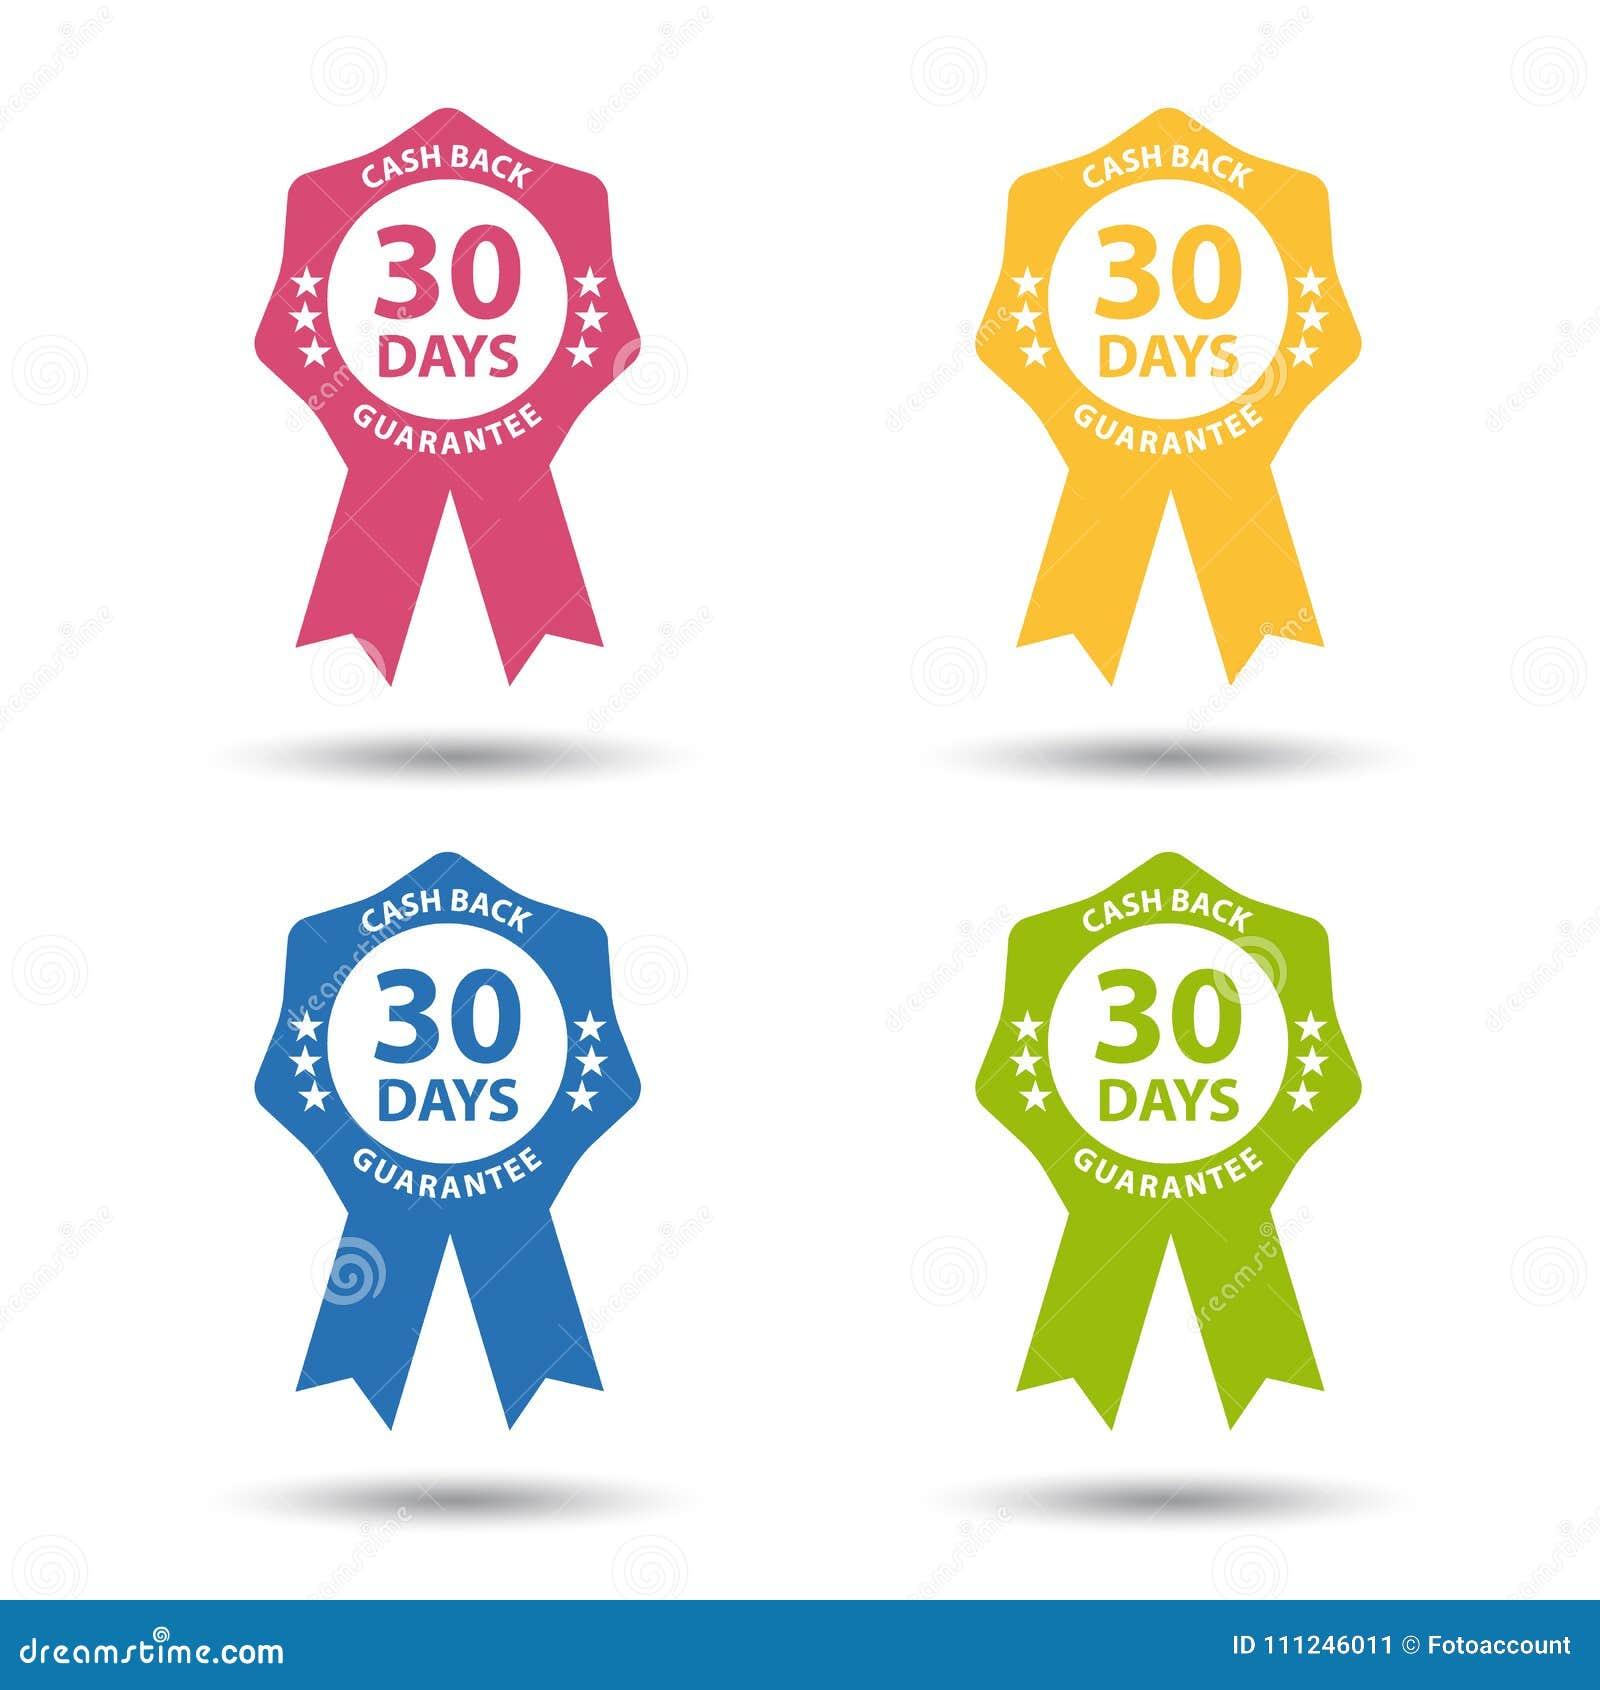 Insignia del sello garantía de la devolución de efectivo de 30 días - vector colorido fijado - aislada en blanco